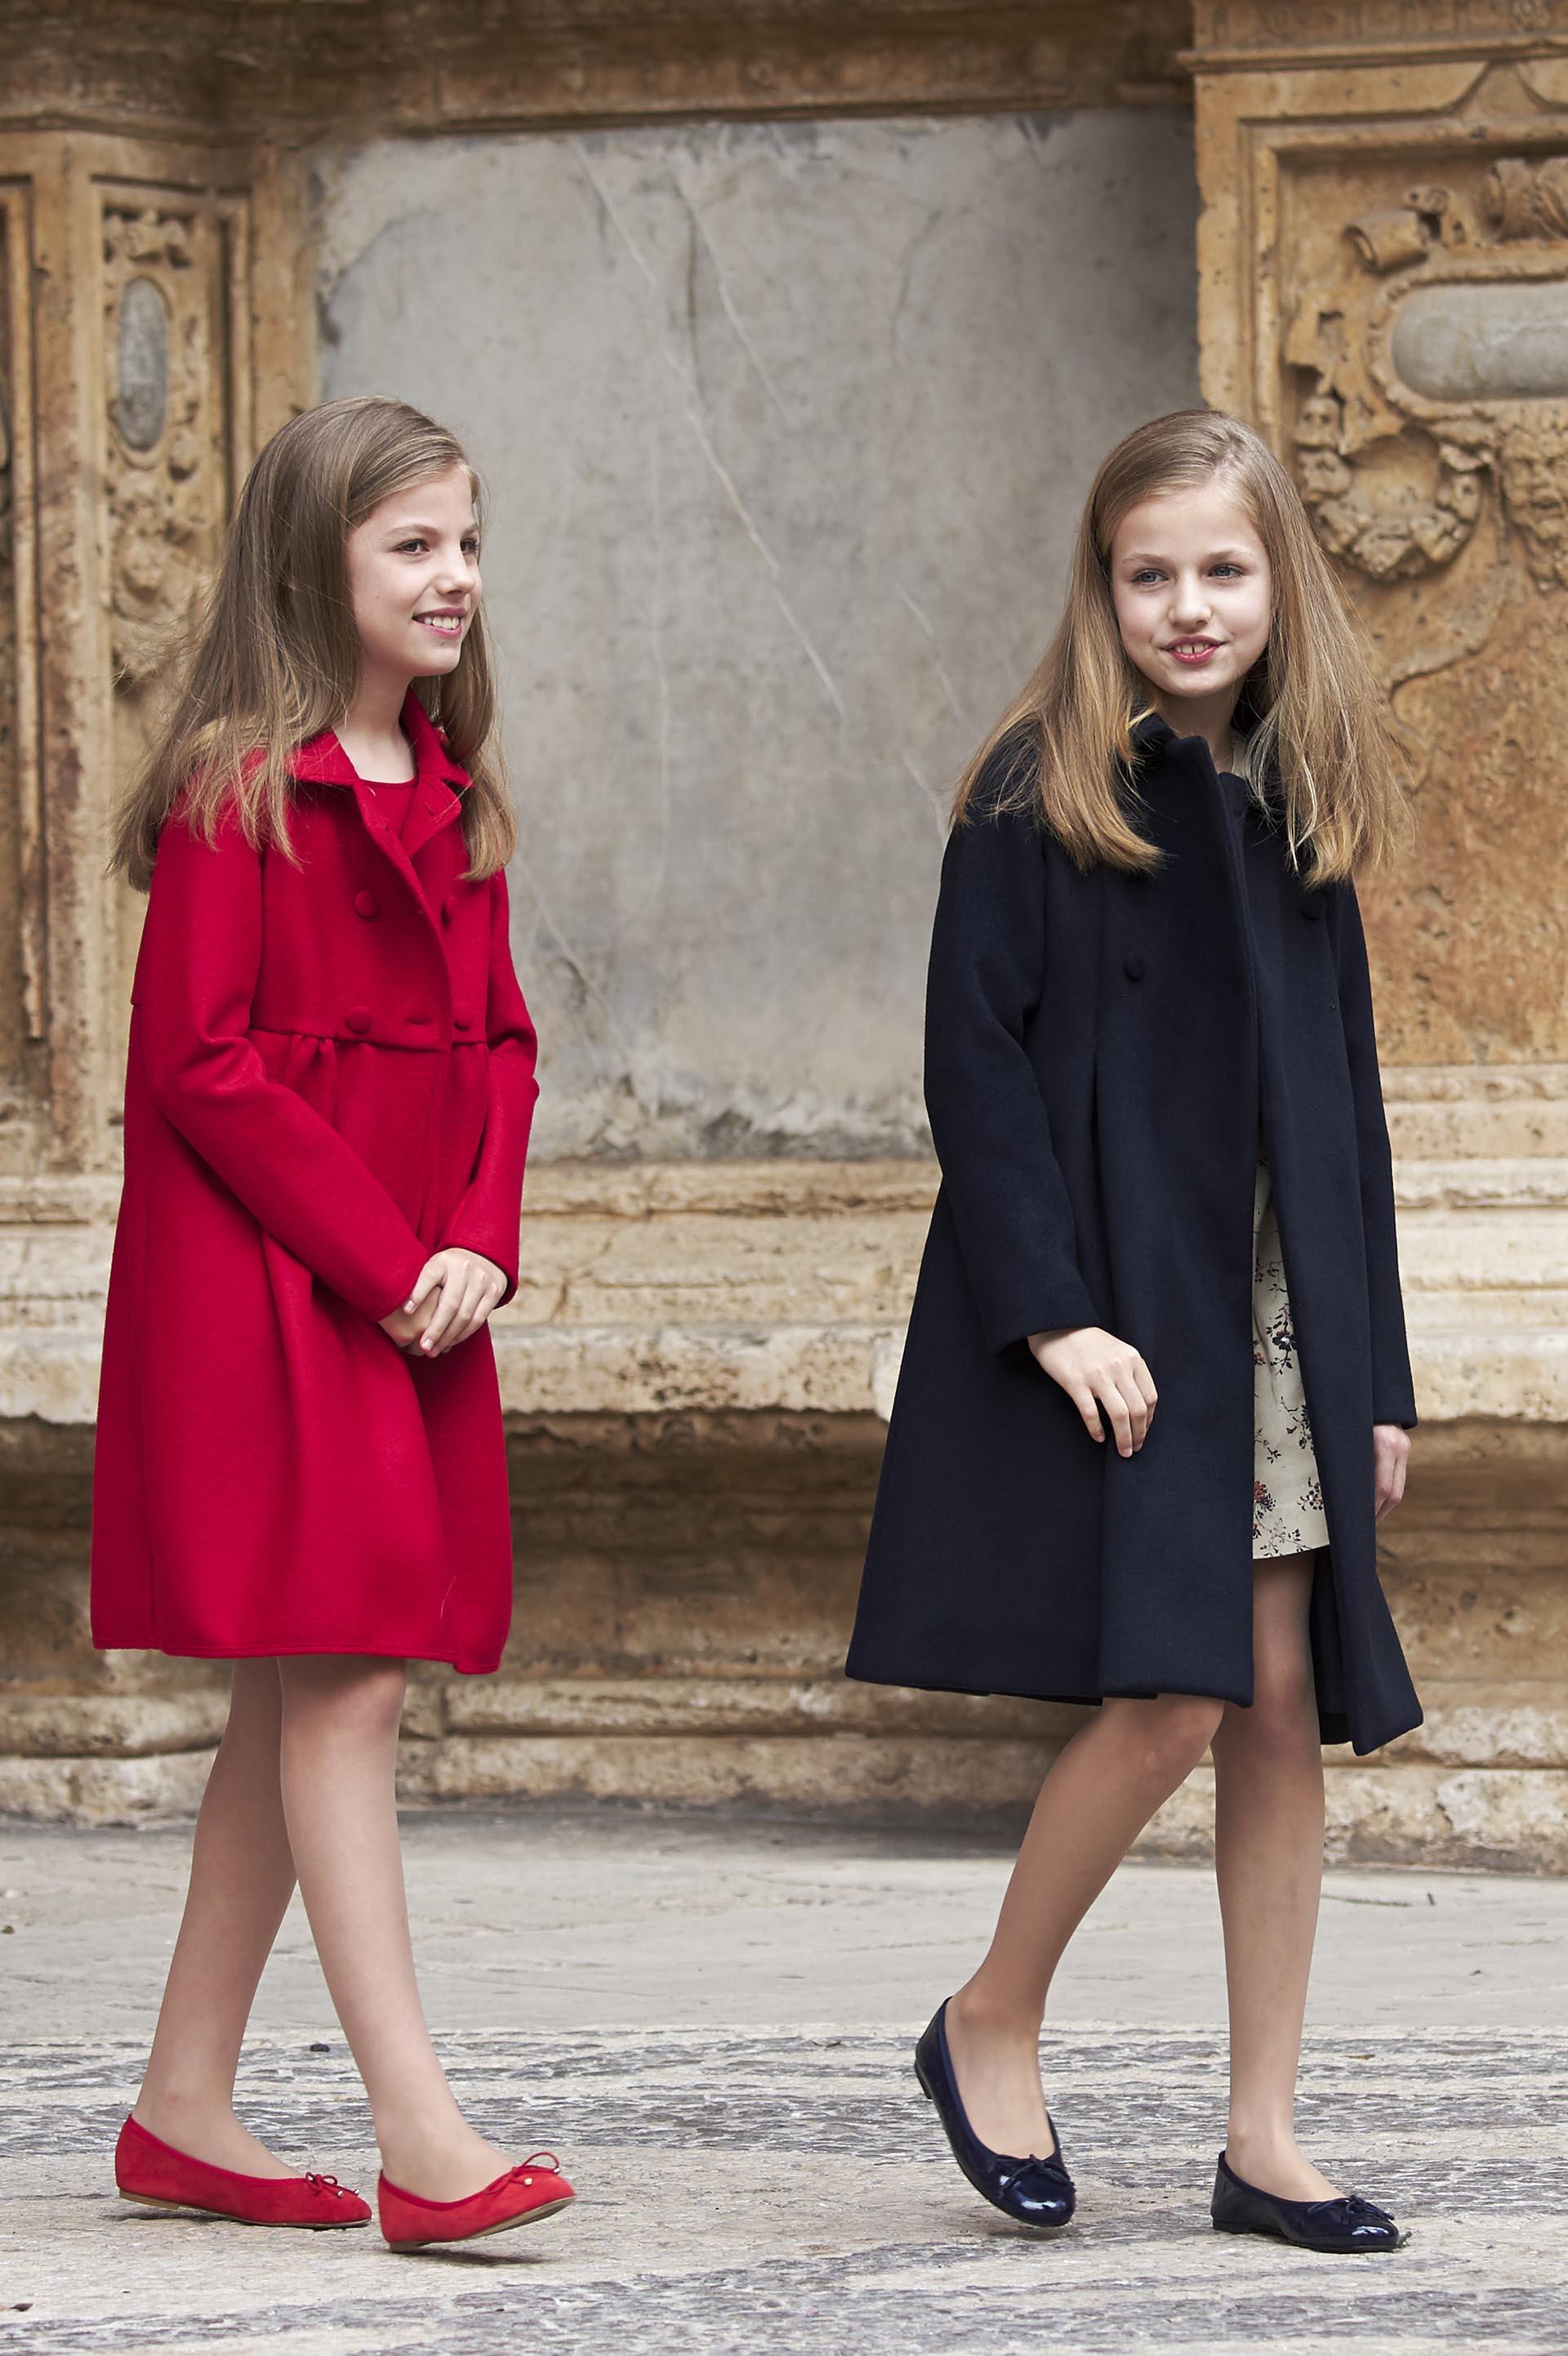 Las hijas de los reyes eligieron un estilo muy similar pero en distintos colores: tapado de verano, vestido y balerinas